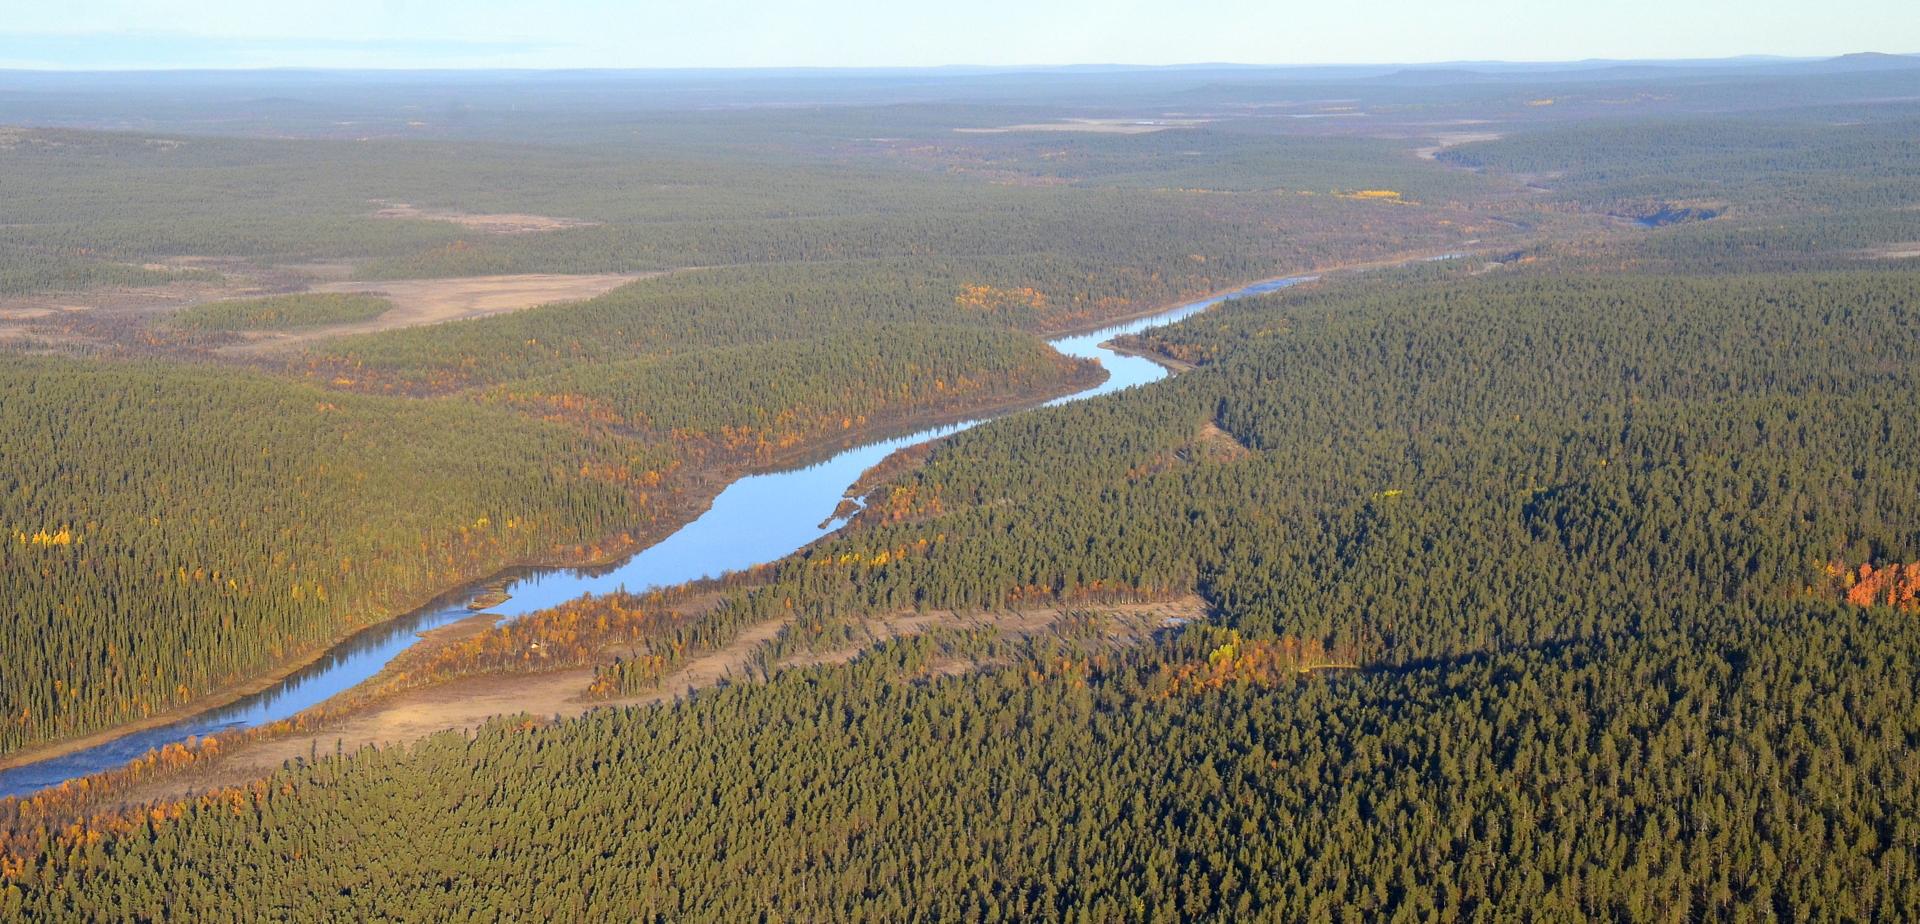 """Ivalojoen yläjuoksun suuntaan, jossa seuraava kylä on joen varressa Ivalon-Matti n.25km:n päässä """"siiventietä"""". Kiemuraista jokea pitkin melkein tupla matka."""